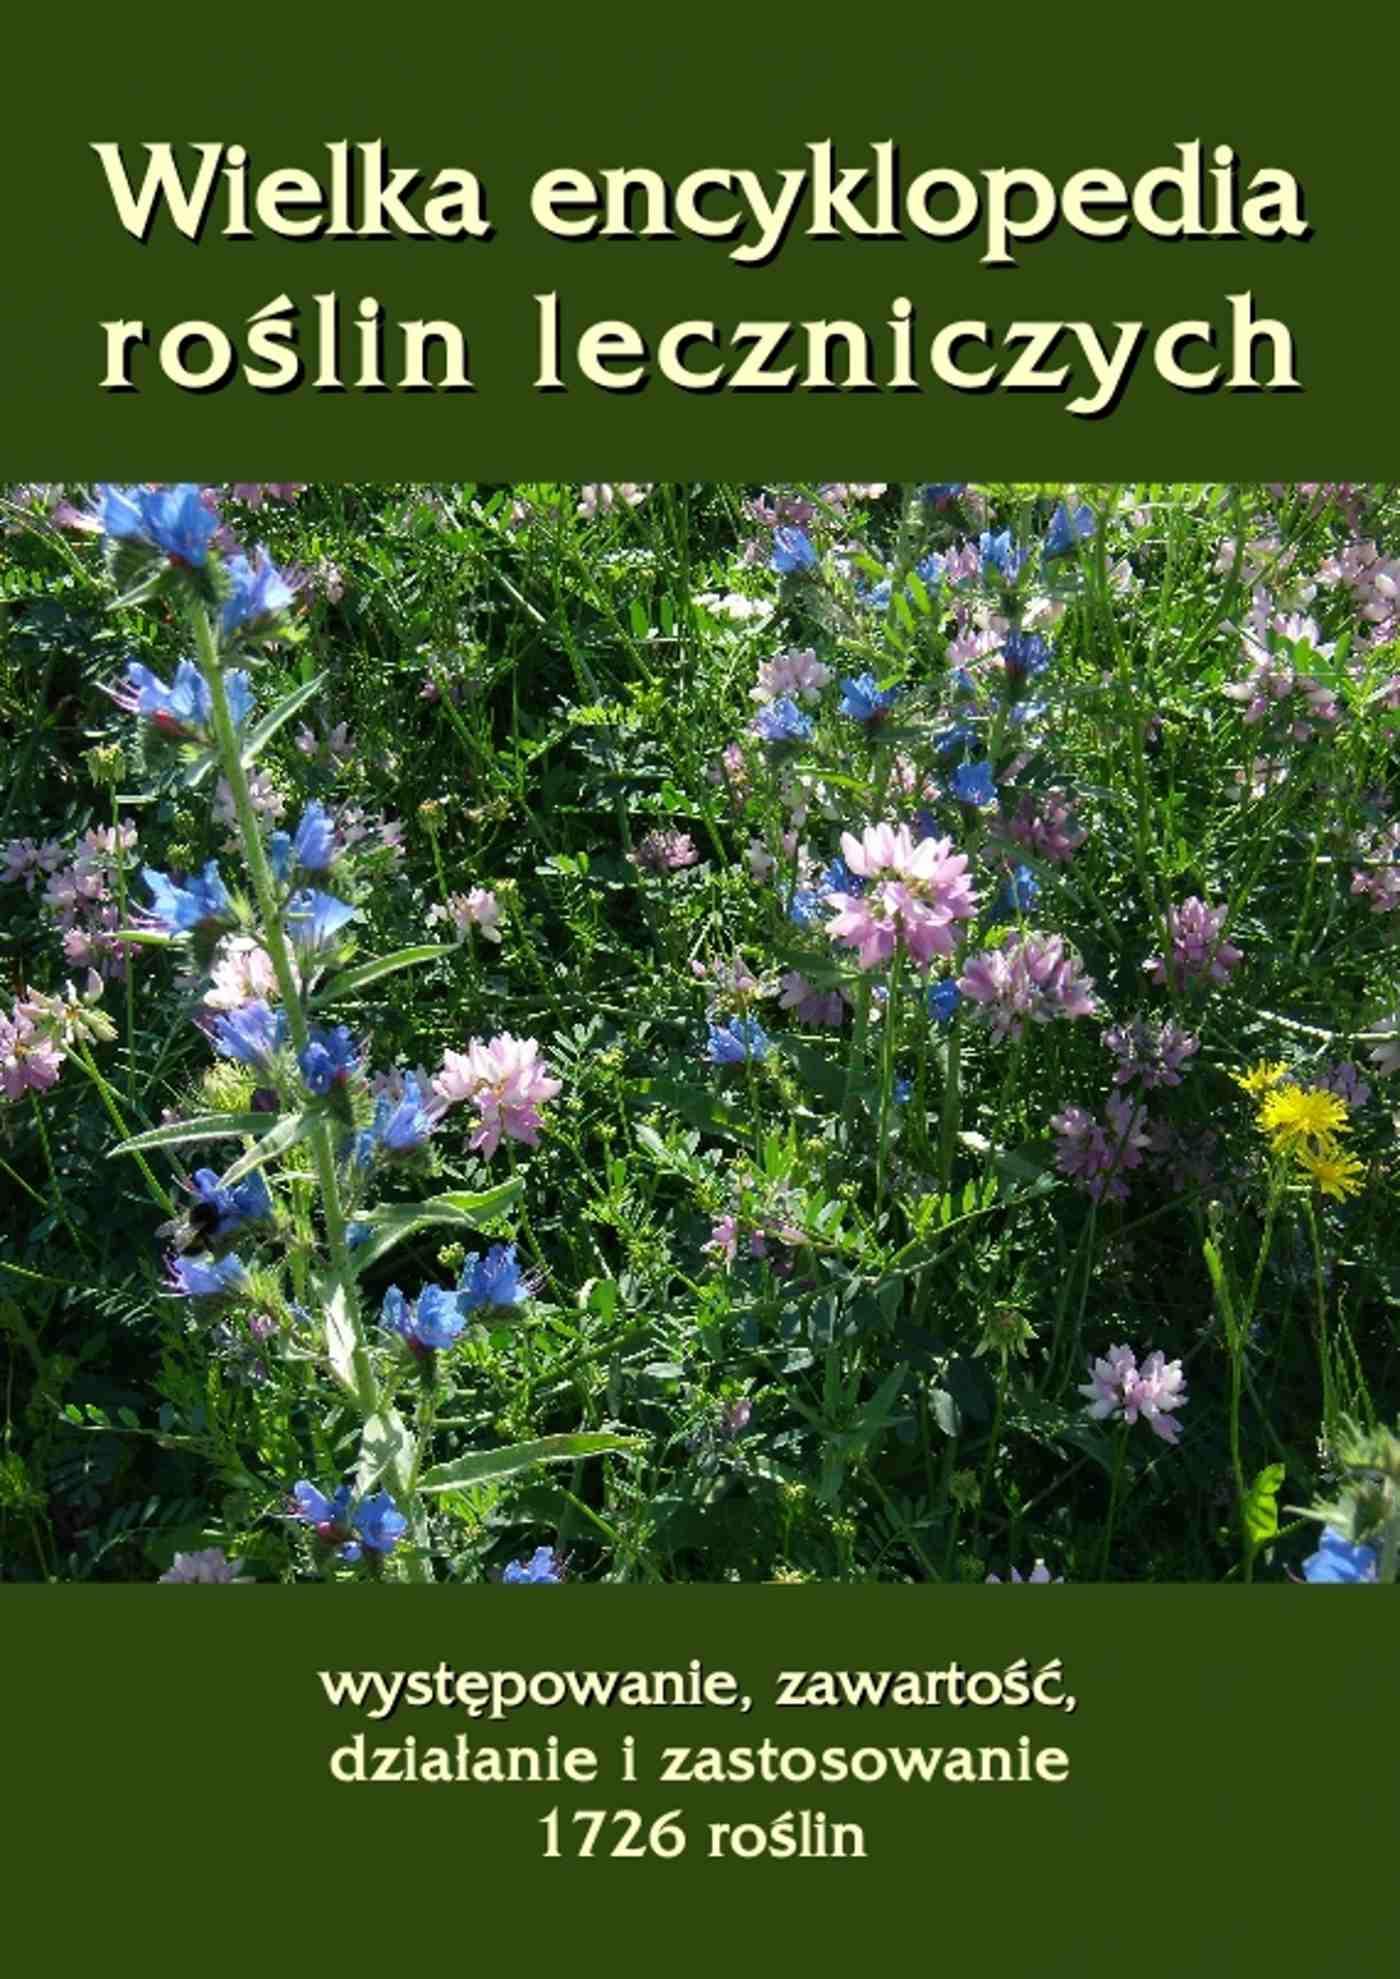 Wielka encyklopedia roślin leczniczych. Występowanie, zawartość, działanie i zastosowanie 1726 roślin - Ebook (Książka EPUB) do pobrania w formacie EPUB